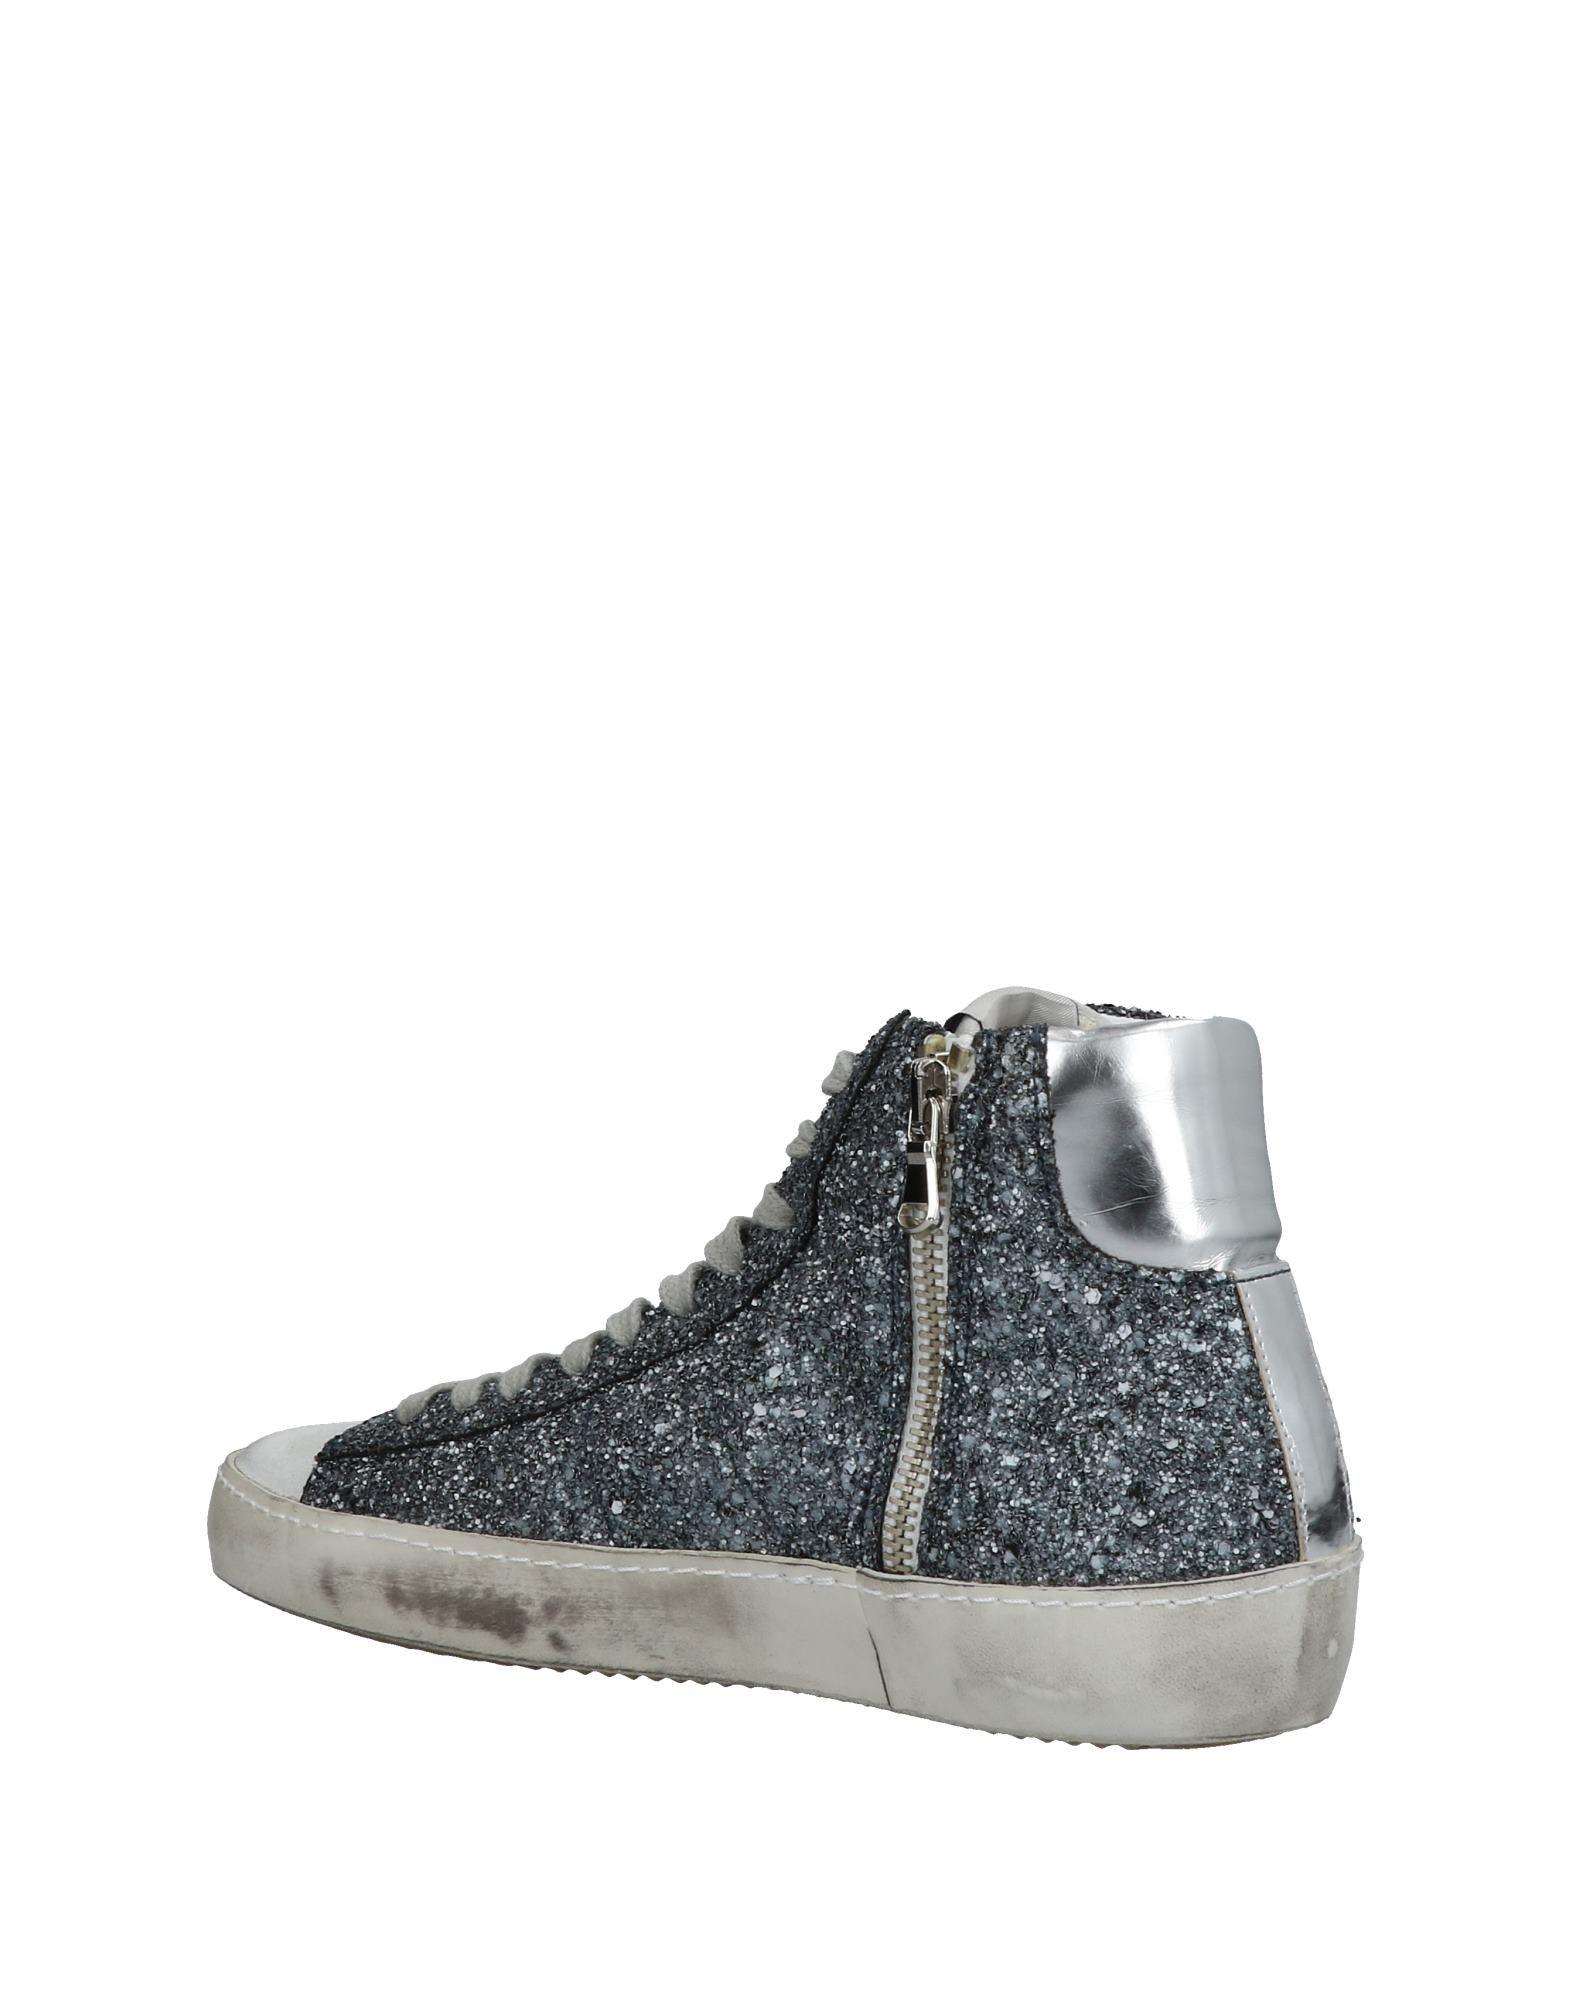 Quattrobarradodici Sneakers Damen  11436012AV   11436012AV 7ce015